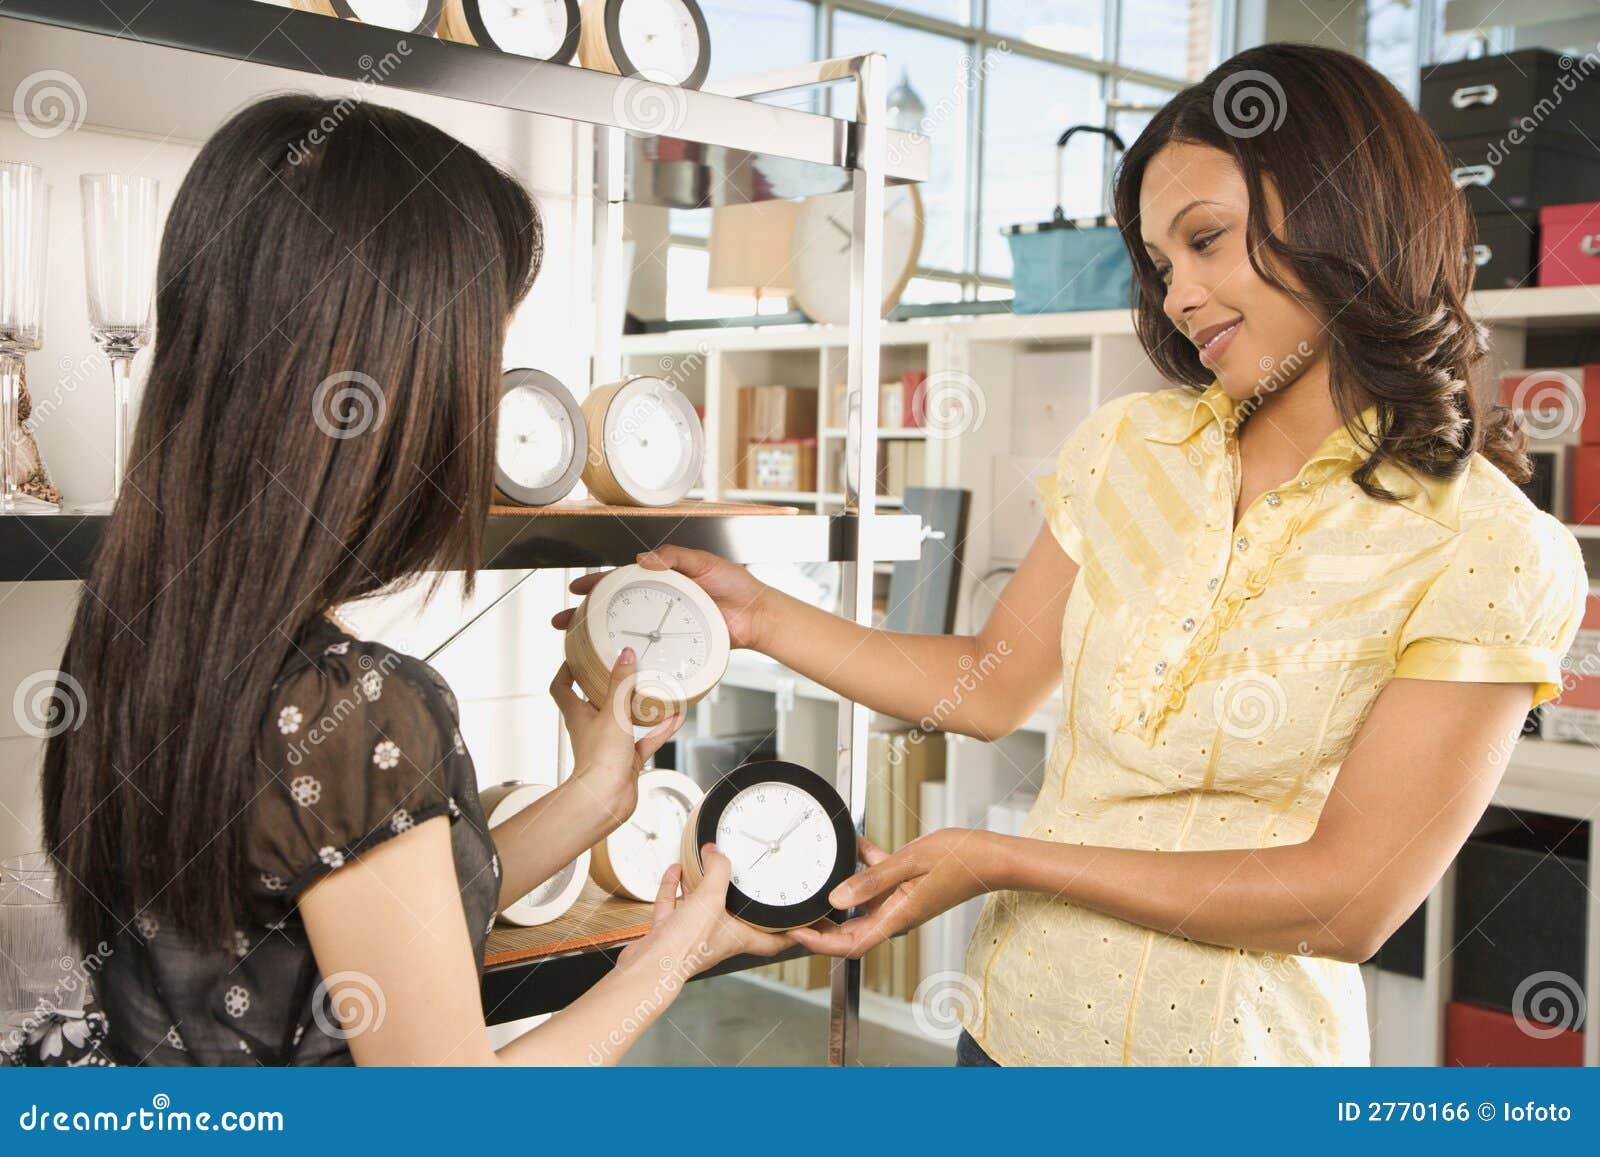 Mujeres que hacen compras en almacén.